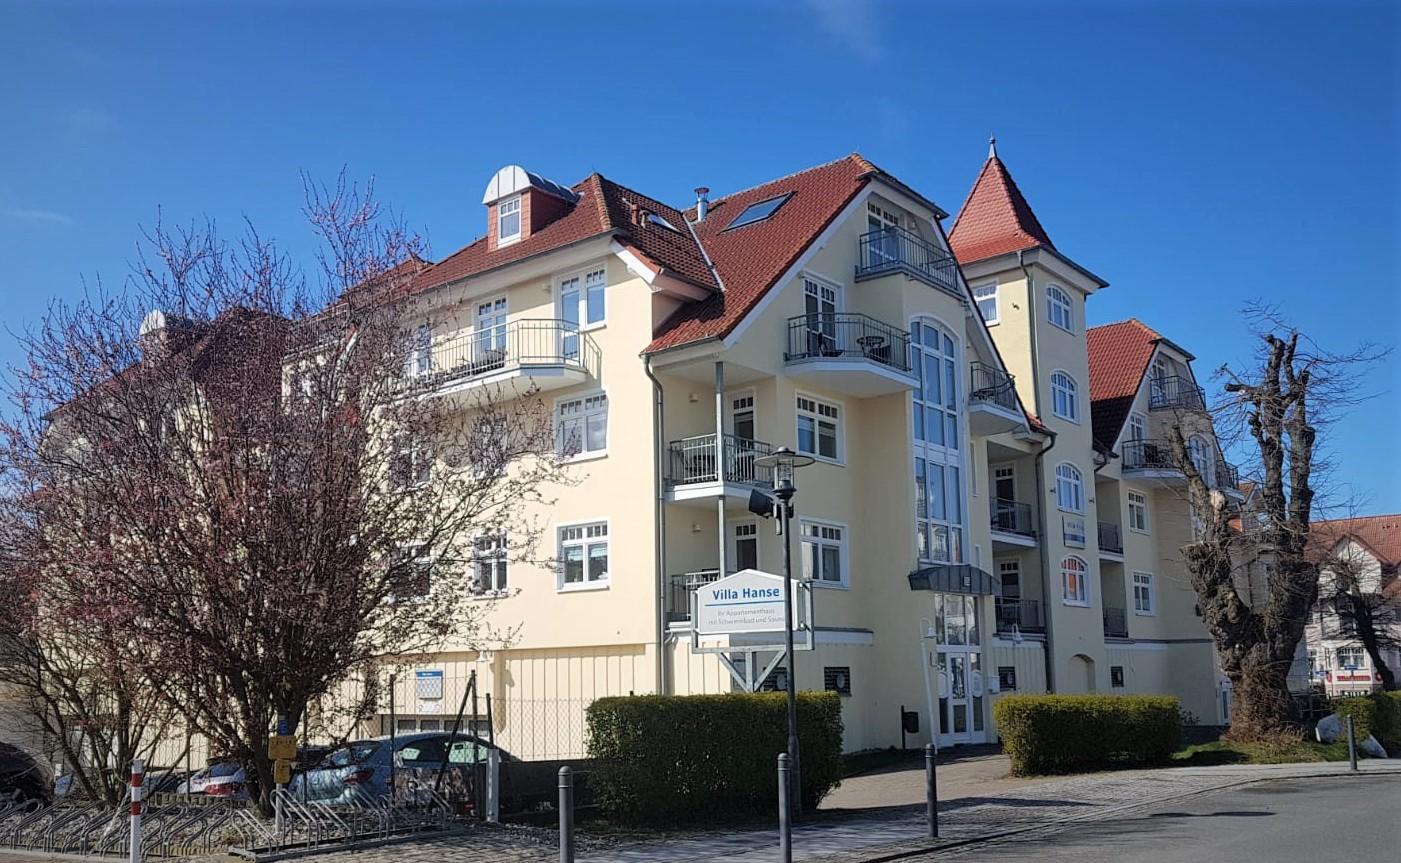 Appartementhaus Villa Hanse in Kühlungsborn - Fassadengestaltung und Malerinnenarbeiten